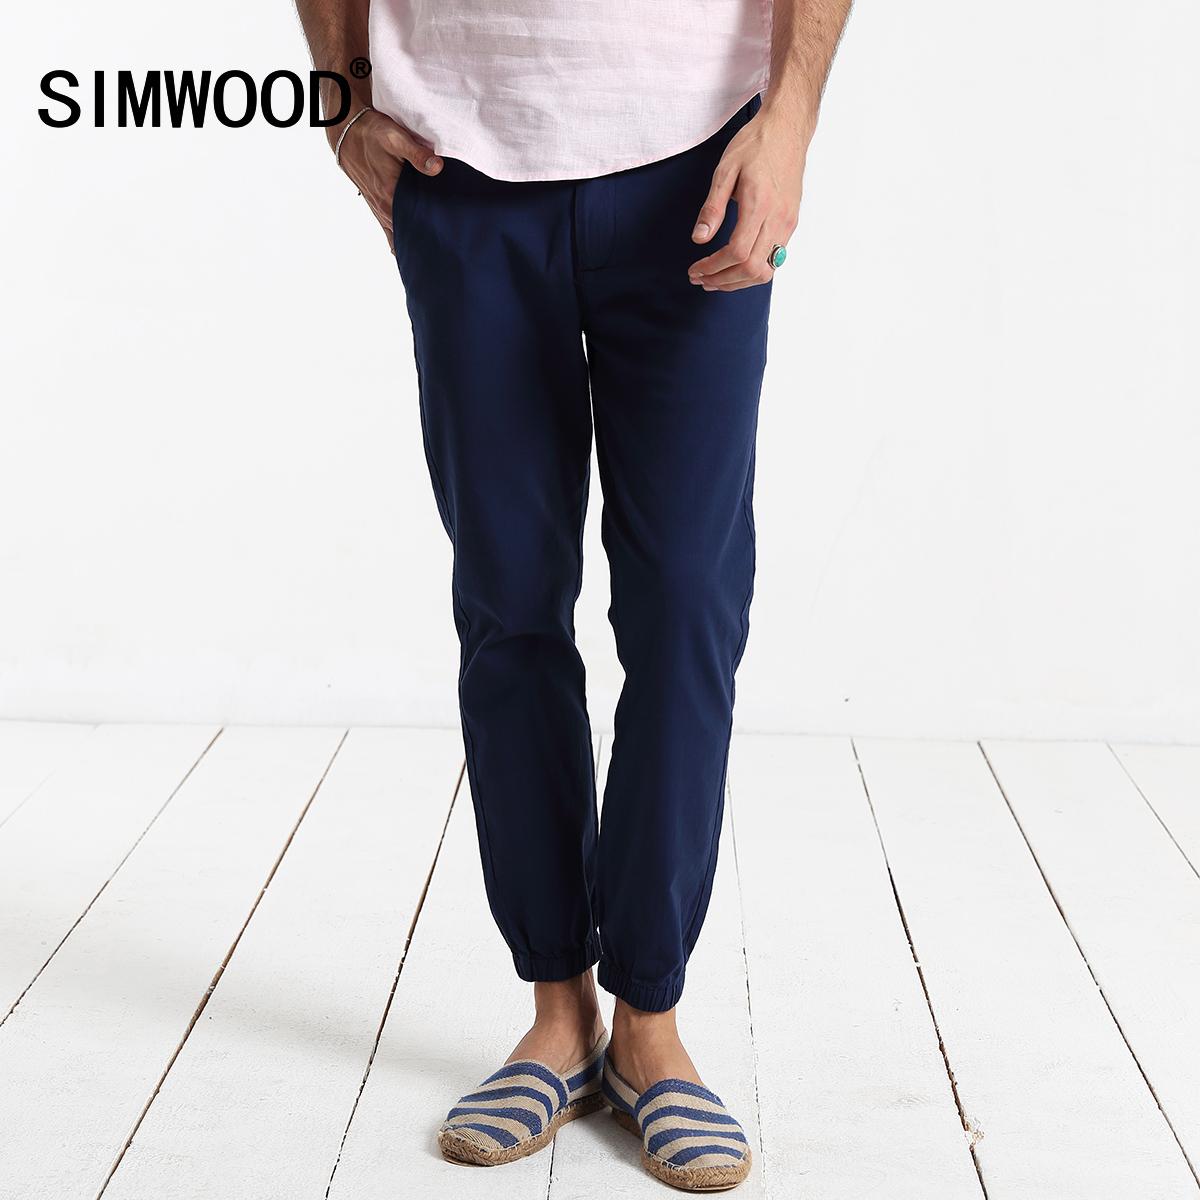 Simwood2016 летом новый мужской тонкий эластичный гарем брюки мужской сплошной цвет микро упругой талии ноги девять минут штаны